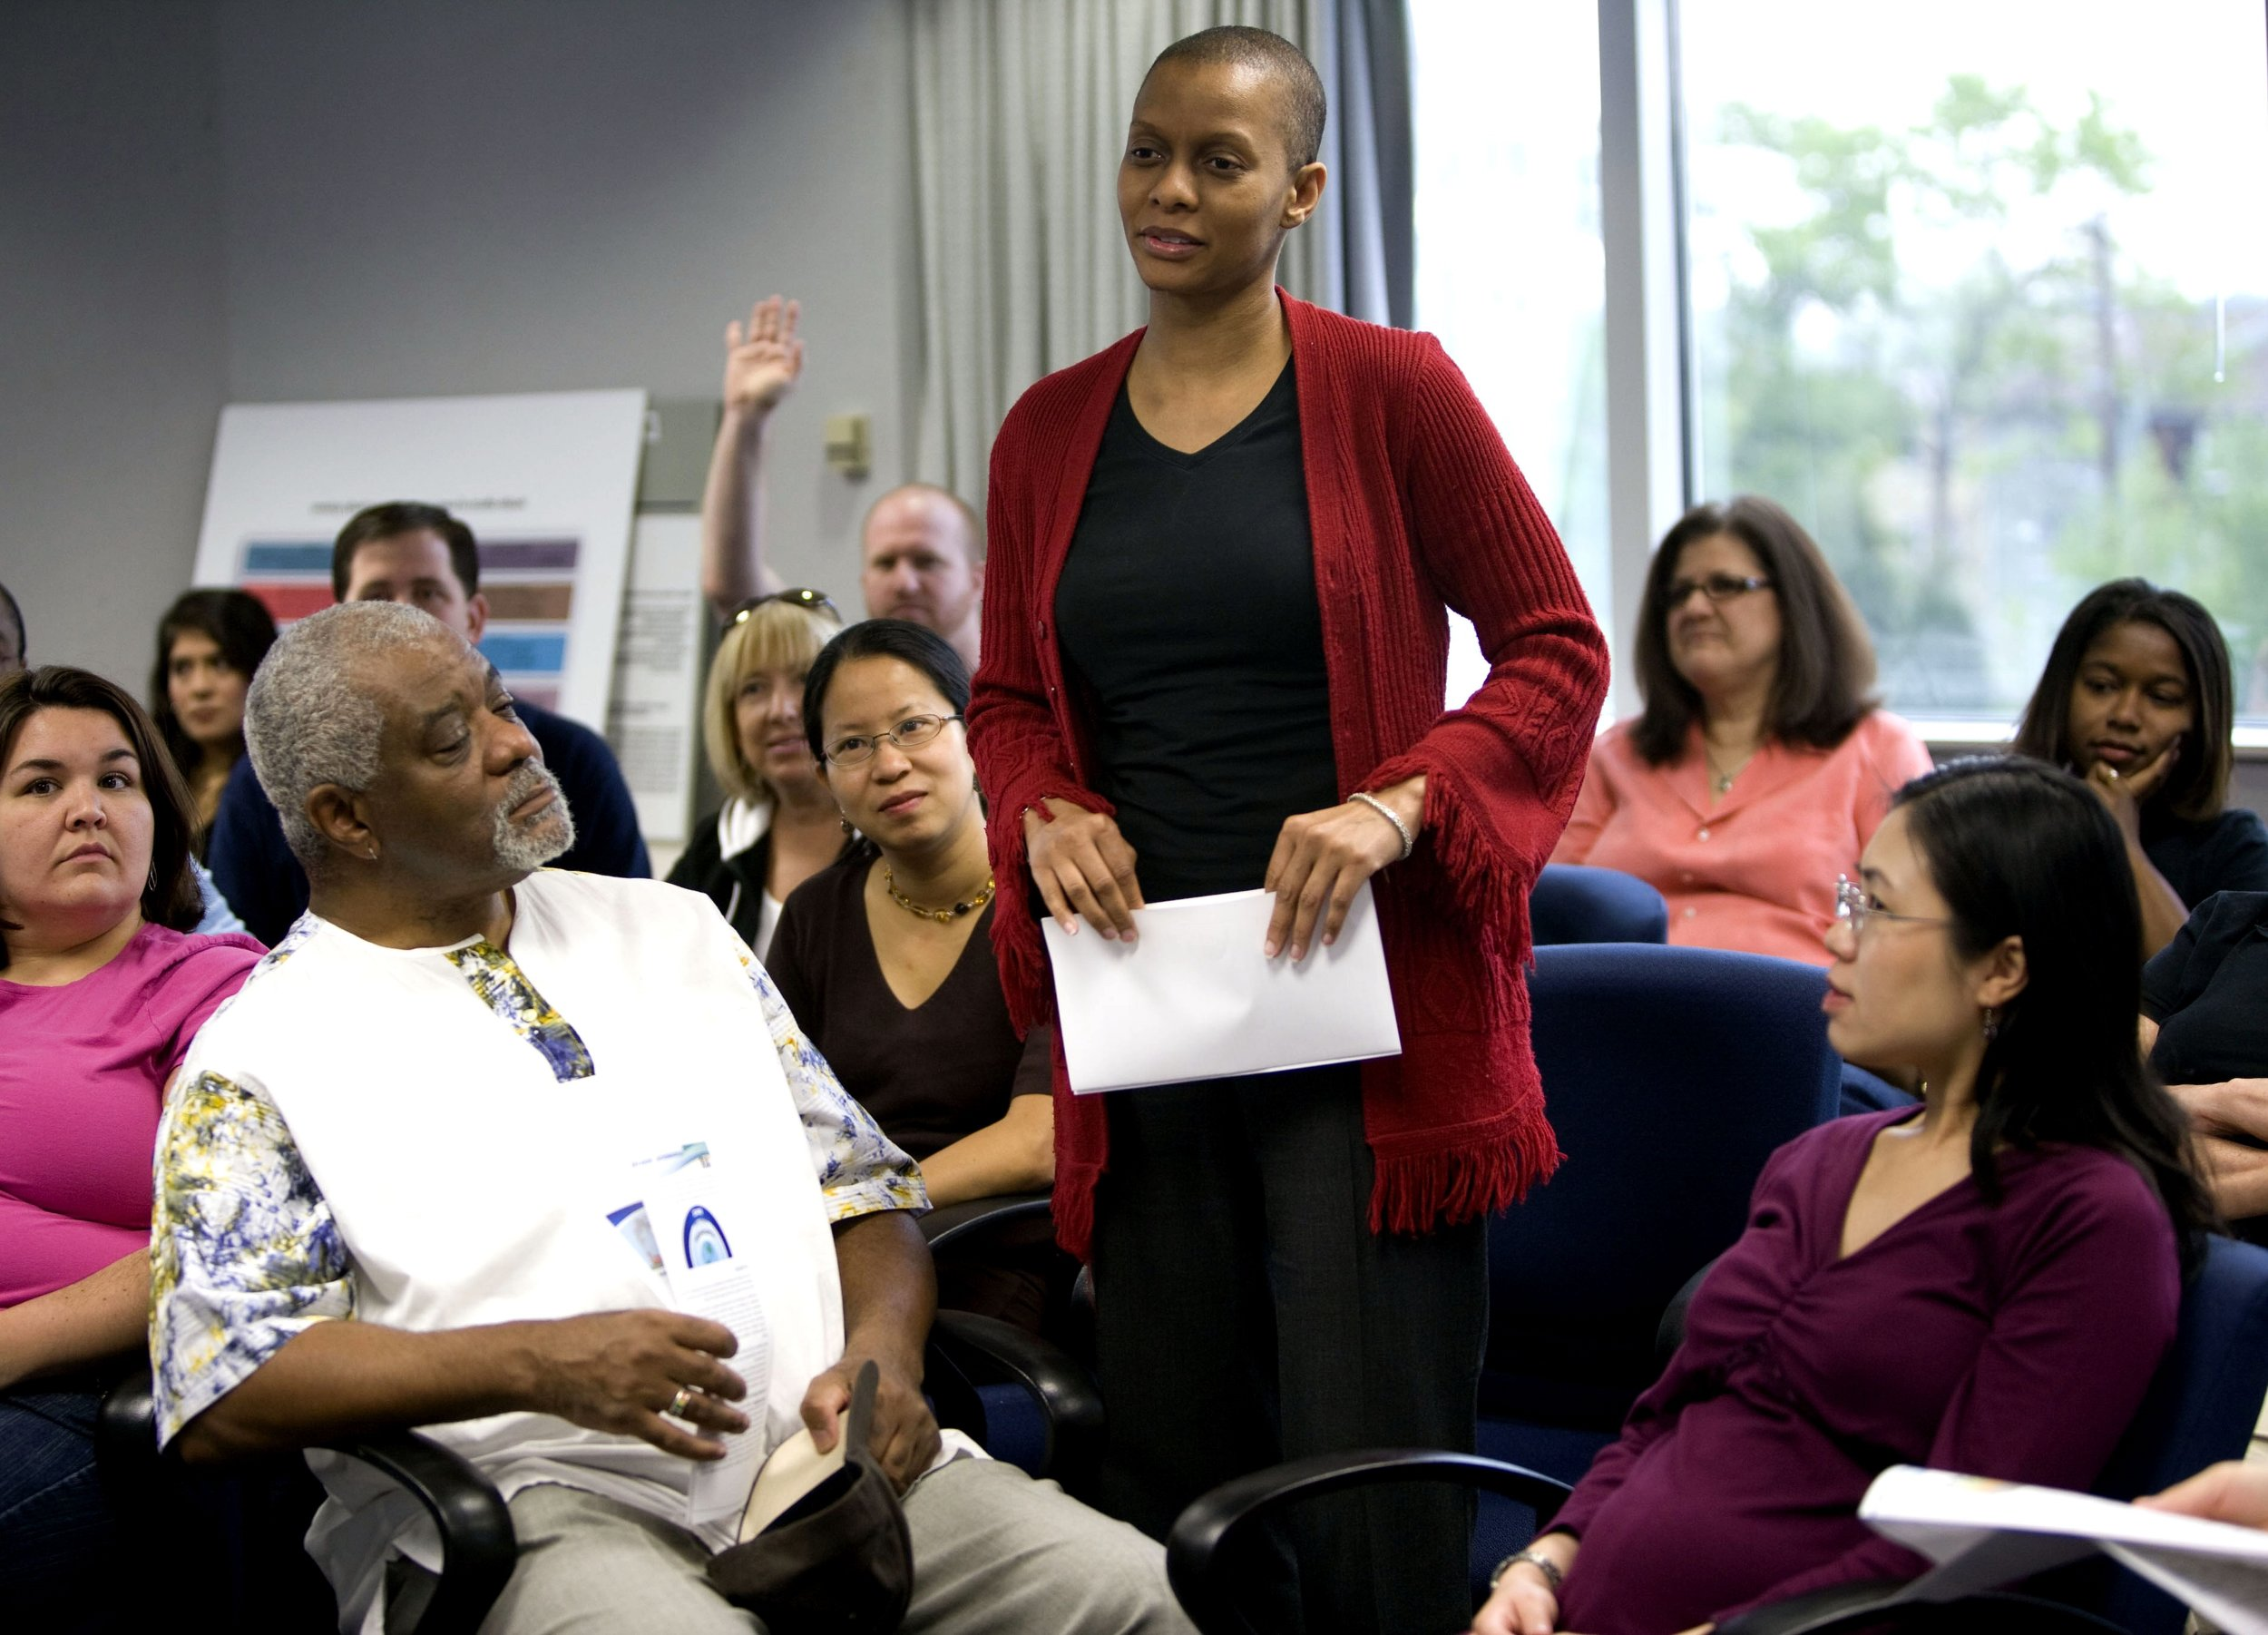 african-american-woman-in-group-of-people.jpg